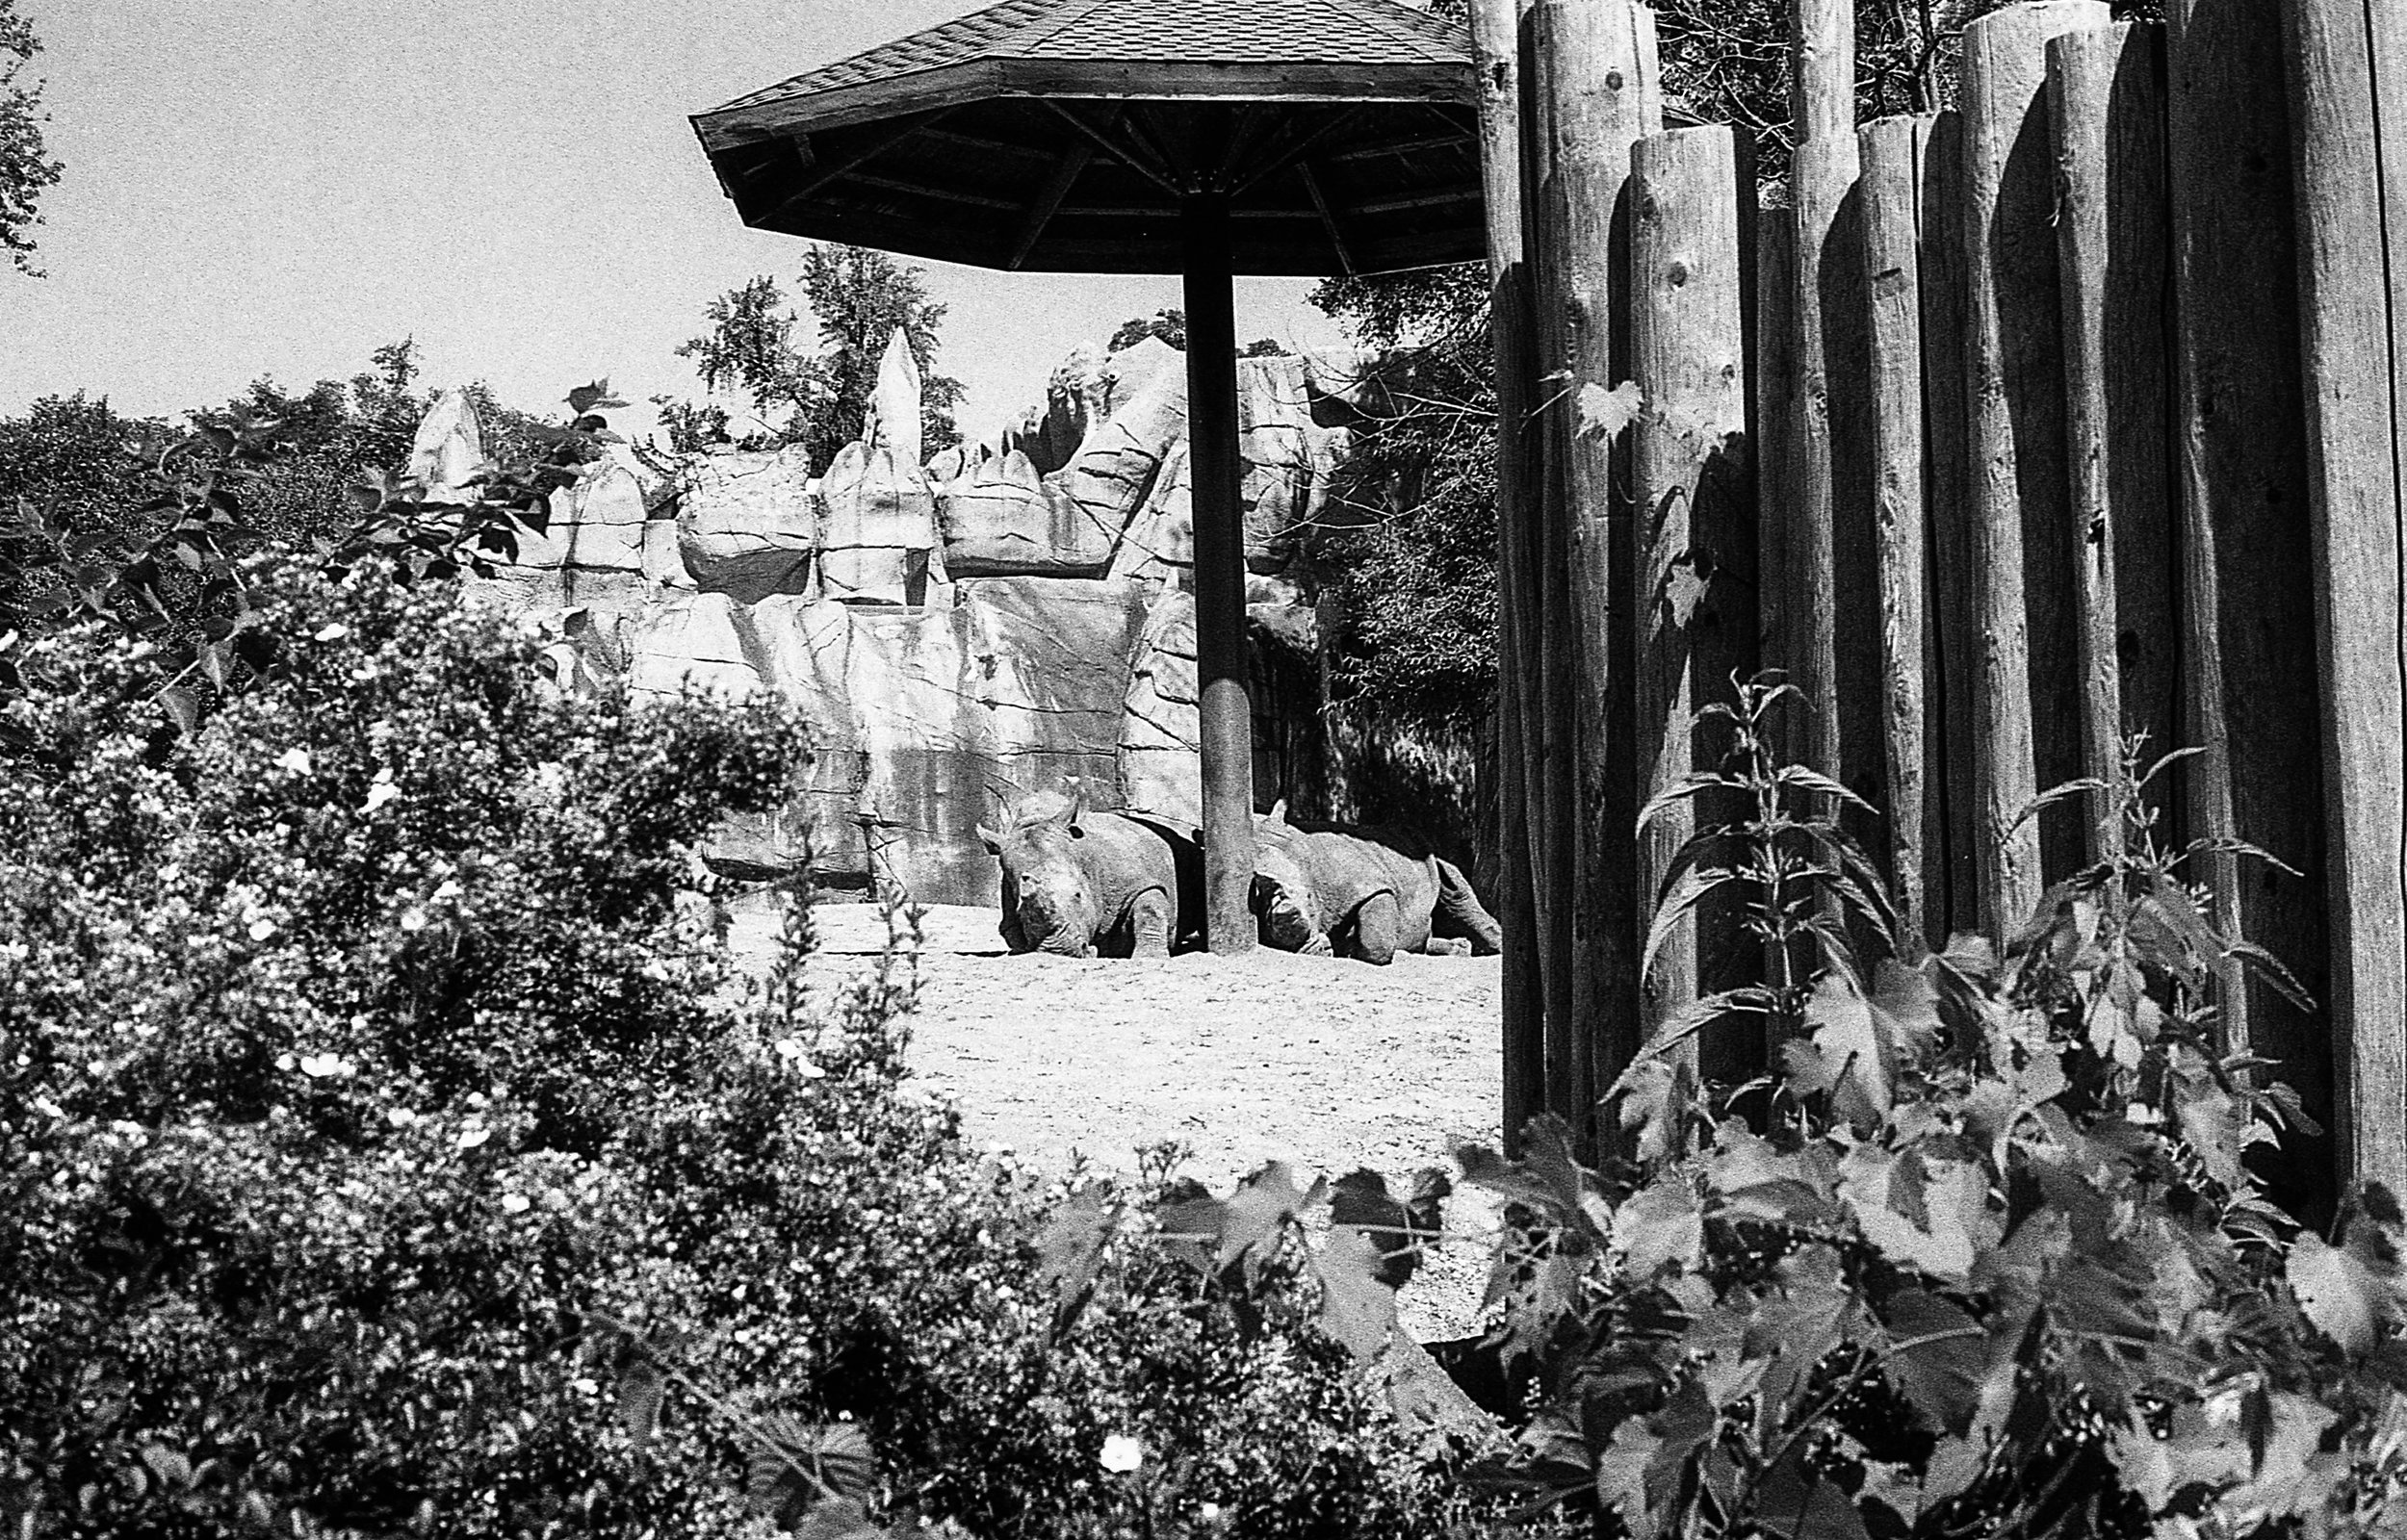 1981 Minolta X-700 Photo 35mm Film Zoe Kissel detroit zoo michigan